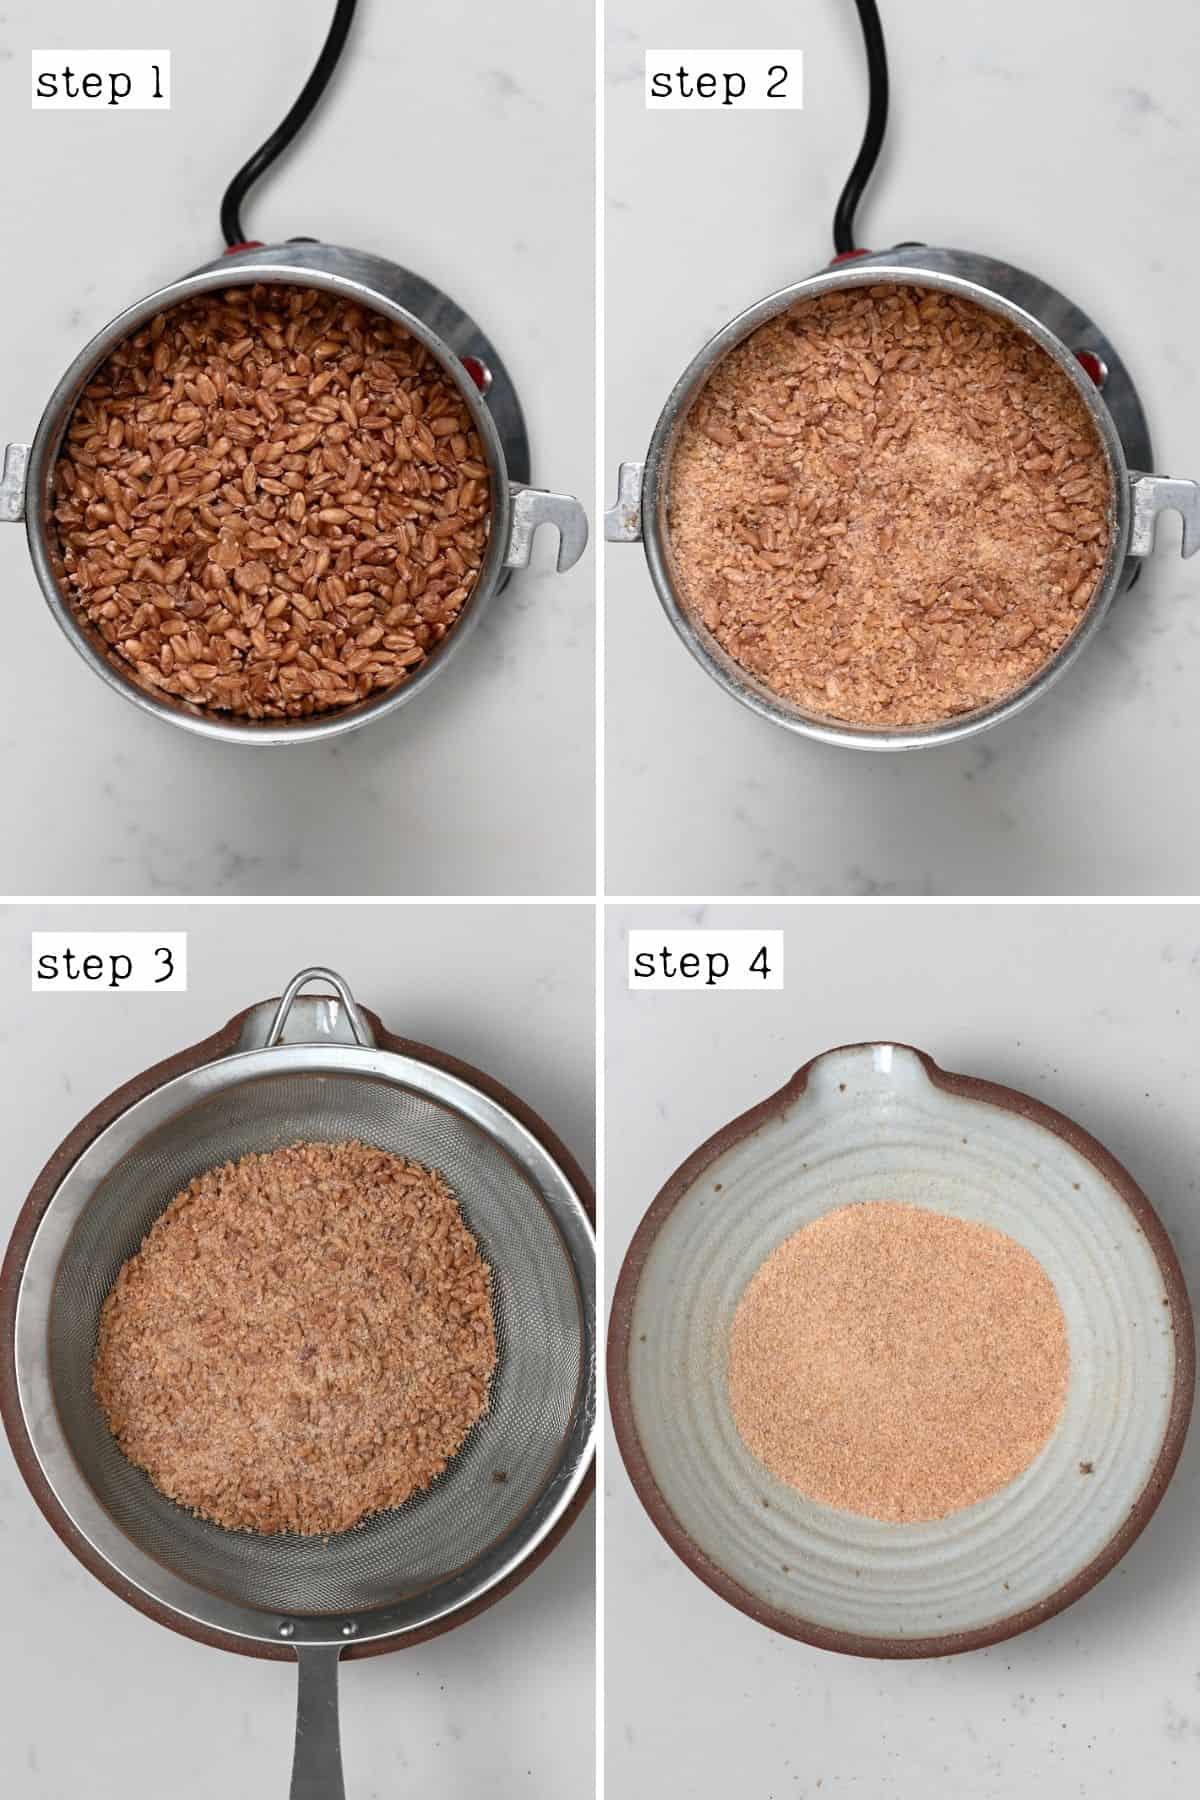 Steps for sieving bulgur wheat